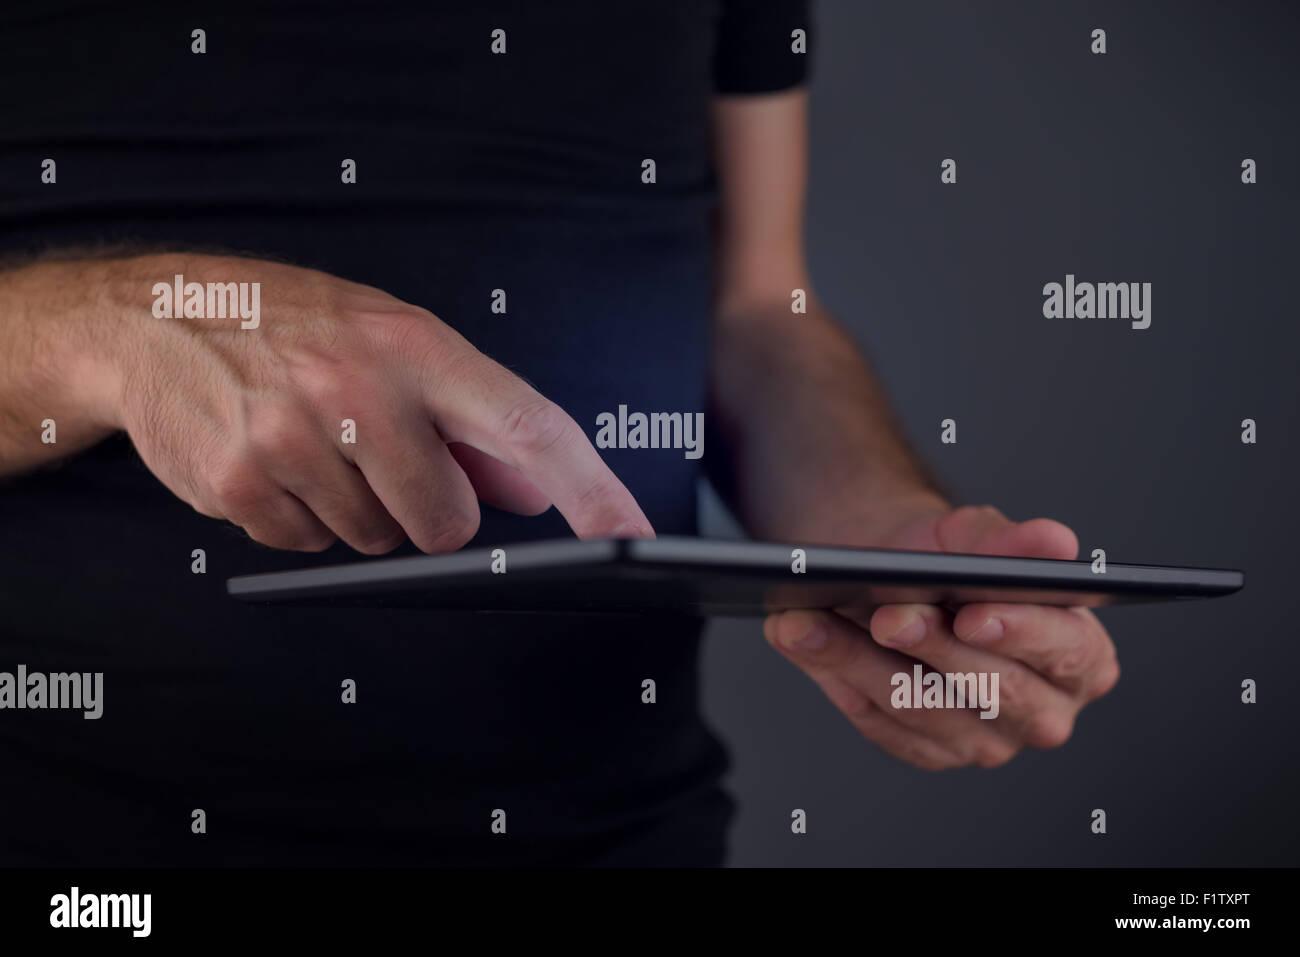 Tavoletta digitale utilizzo del computer, uomo toccando il touch screen di elettronica mobile tecnologia gadget, Immagini Stock